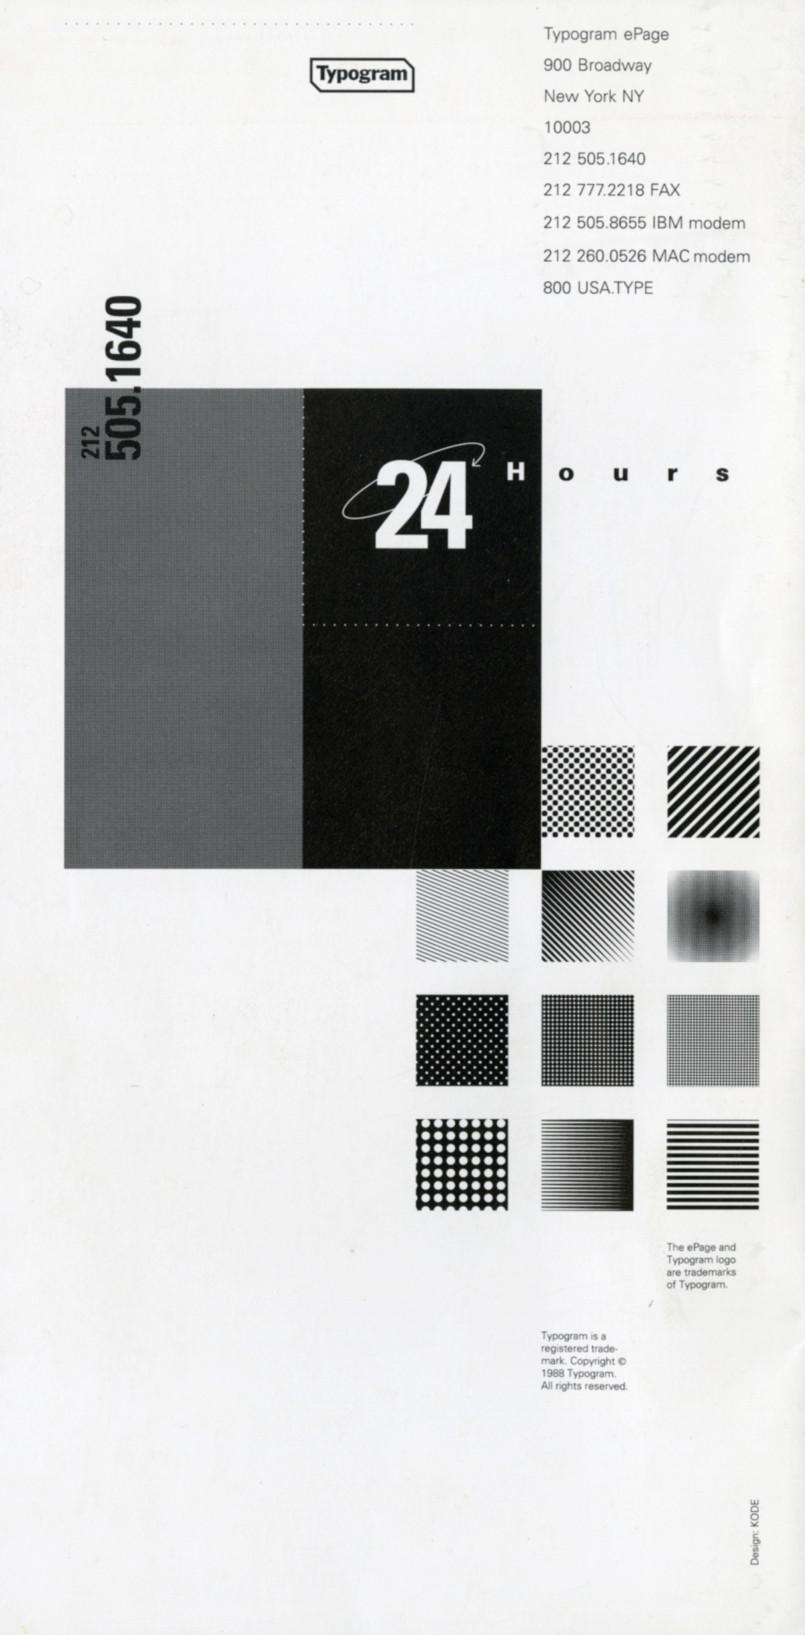 nsbz020